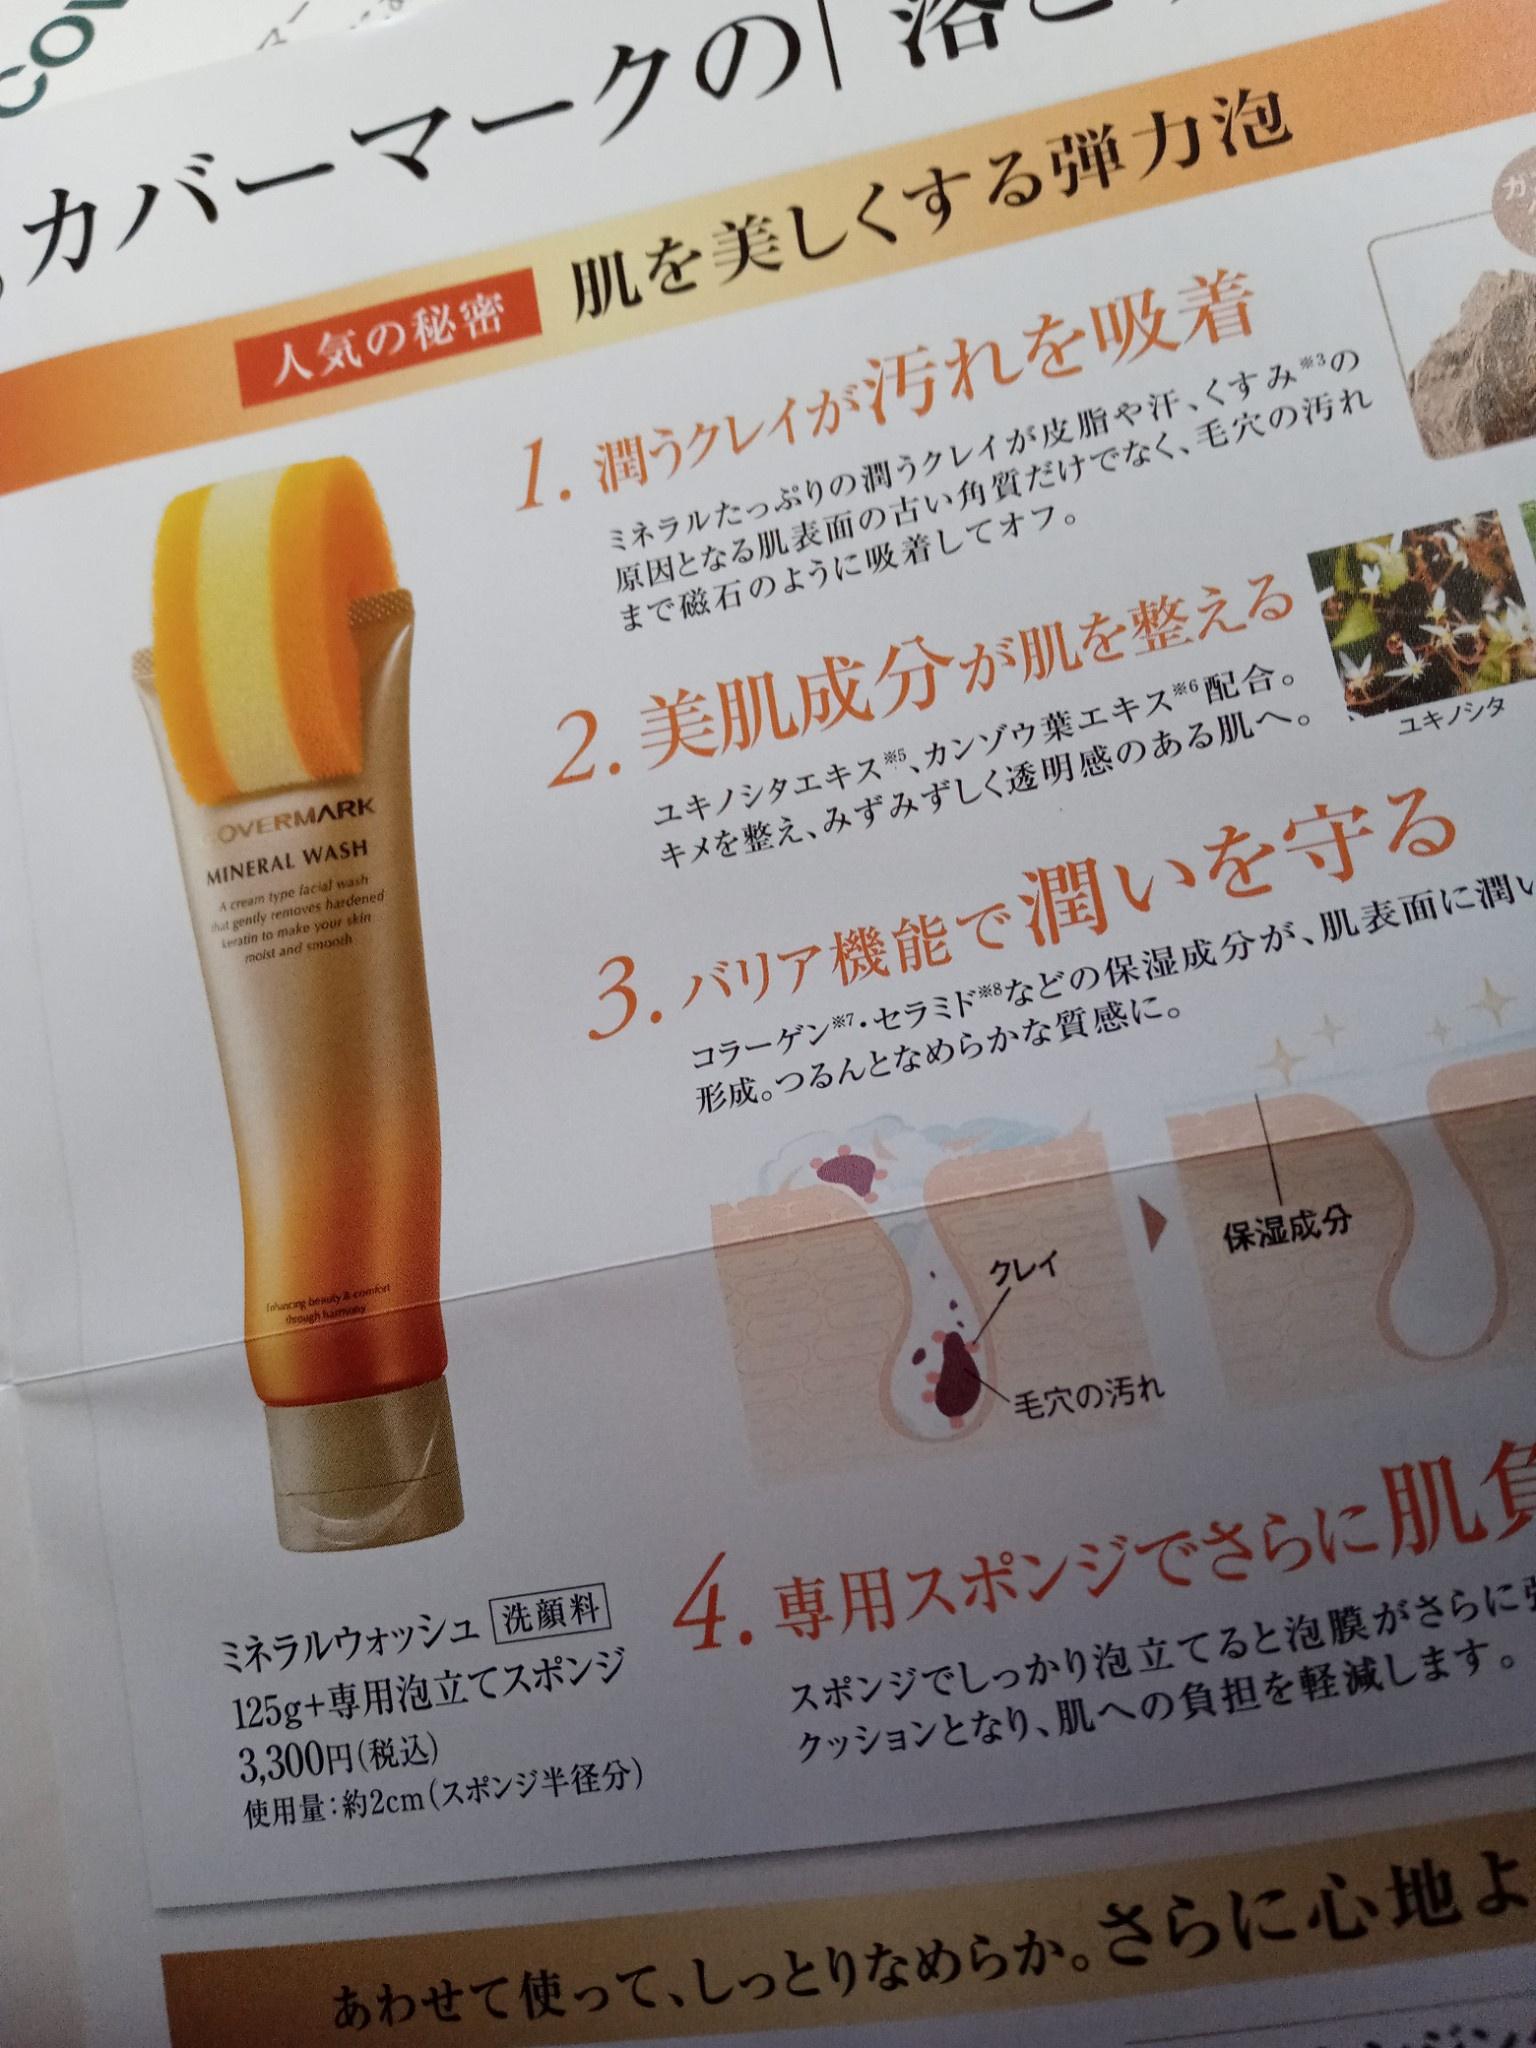 ミネラル ウォッシュ カバーマーク カバーマークは洗顔も優秀!微粒子クレイの「ミネラルウォッシュ」